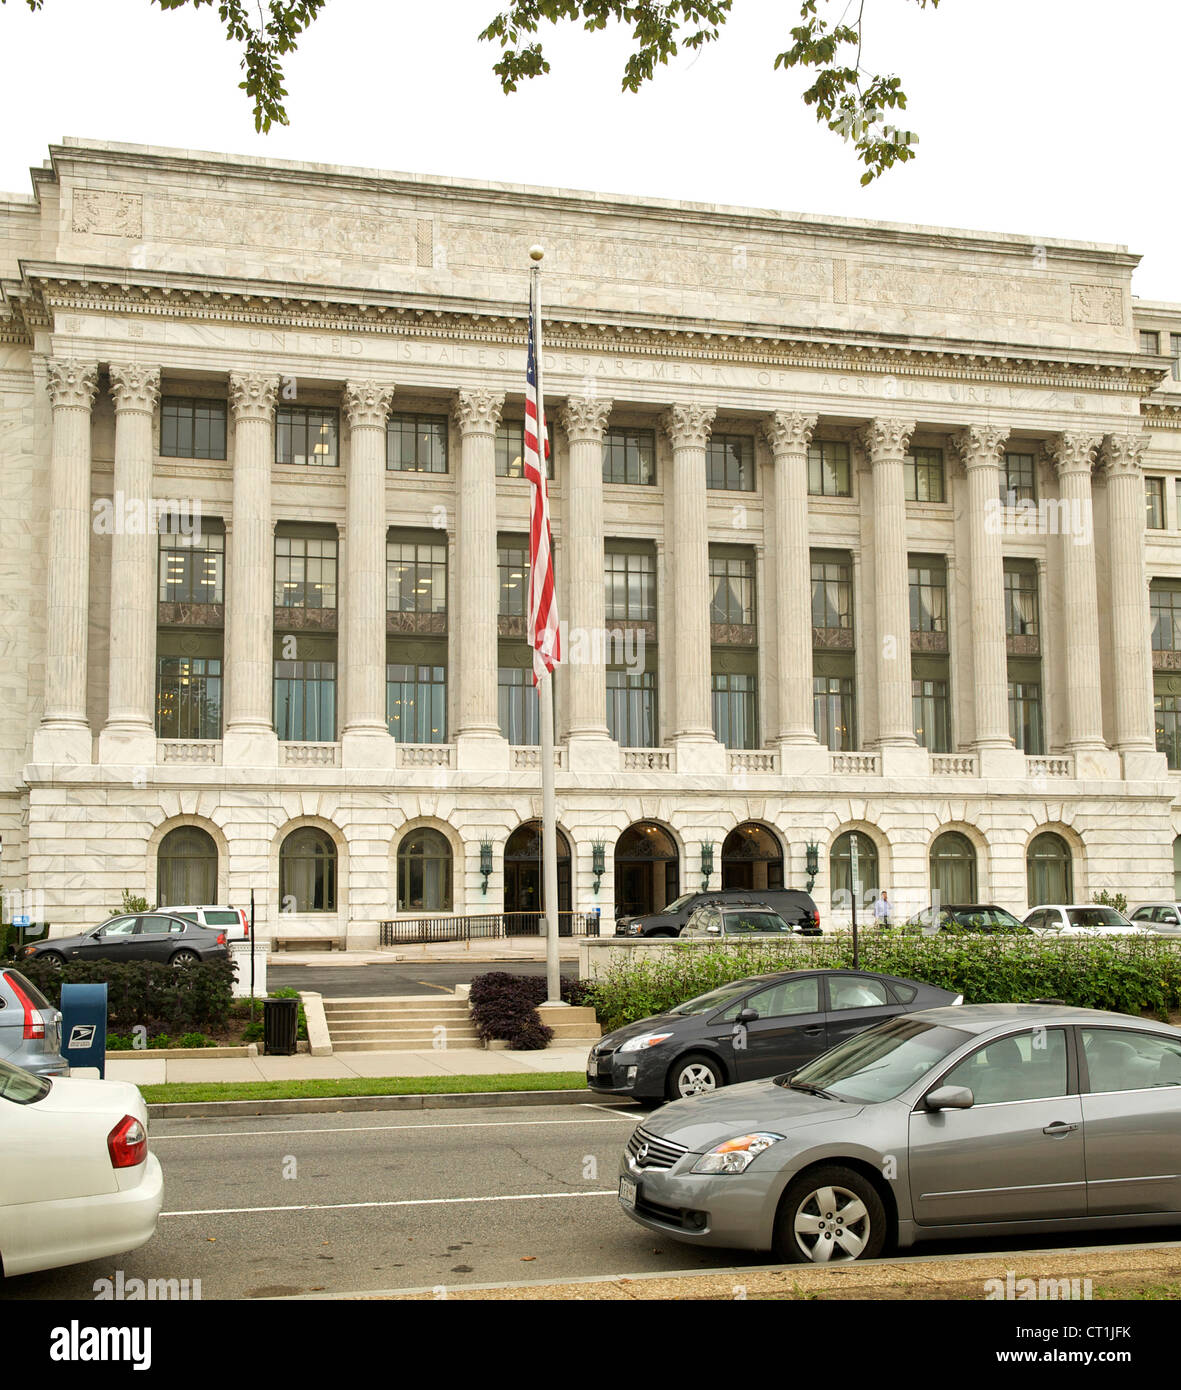 Dipartimento di Agricoltura Costruzione in Washington DC, Stati Uniti d'America. Immagini Stock